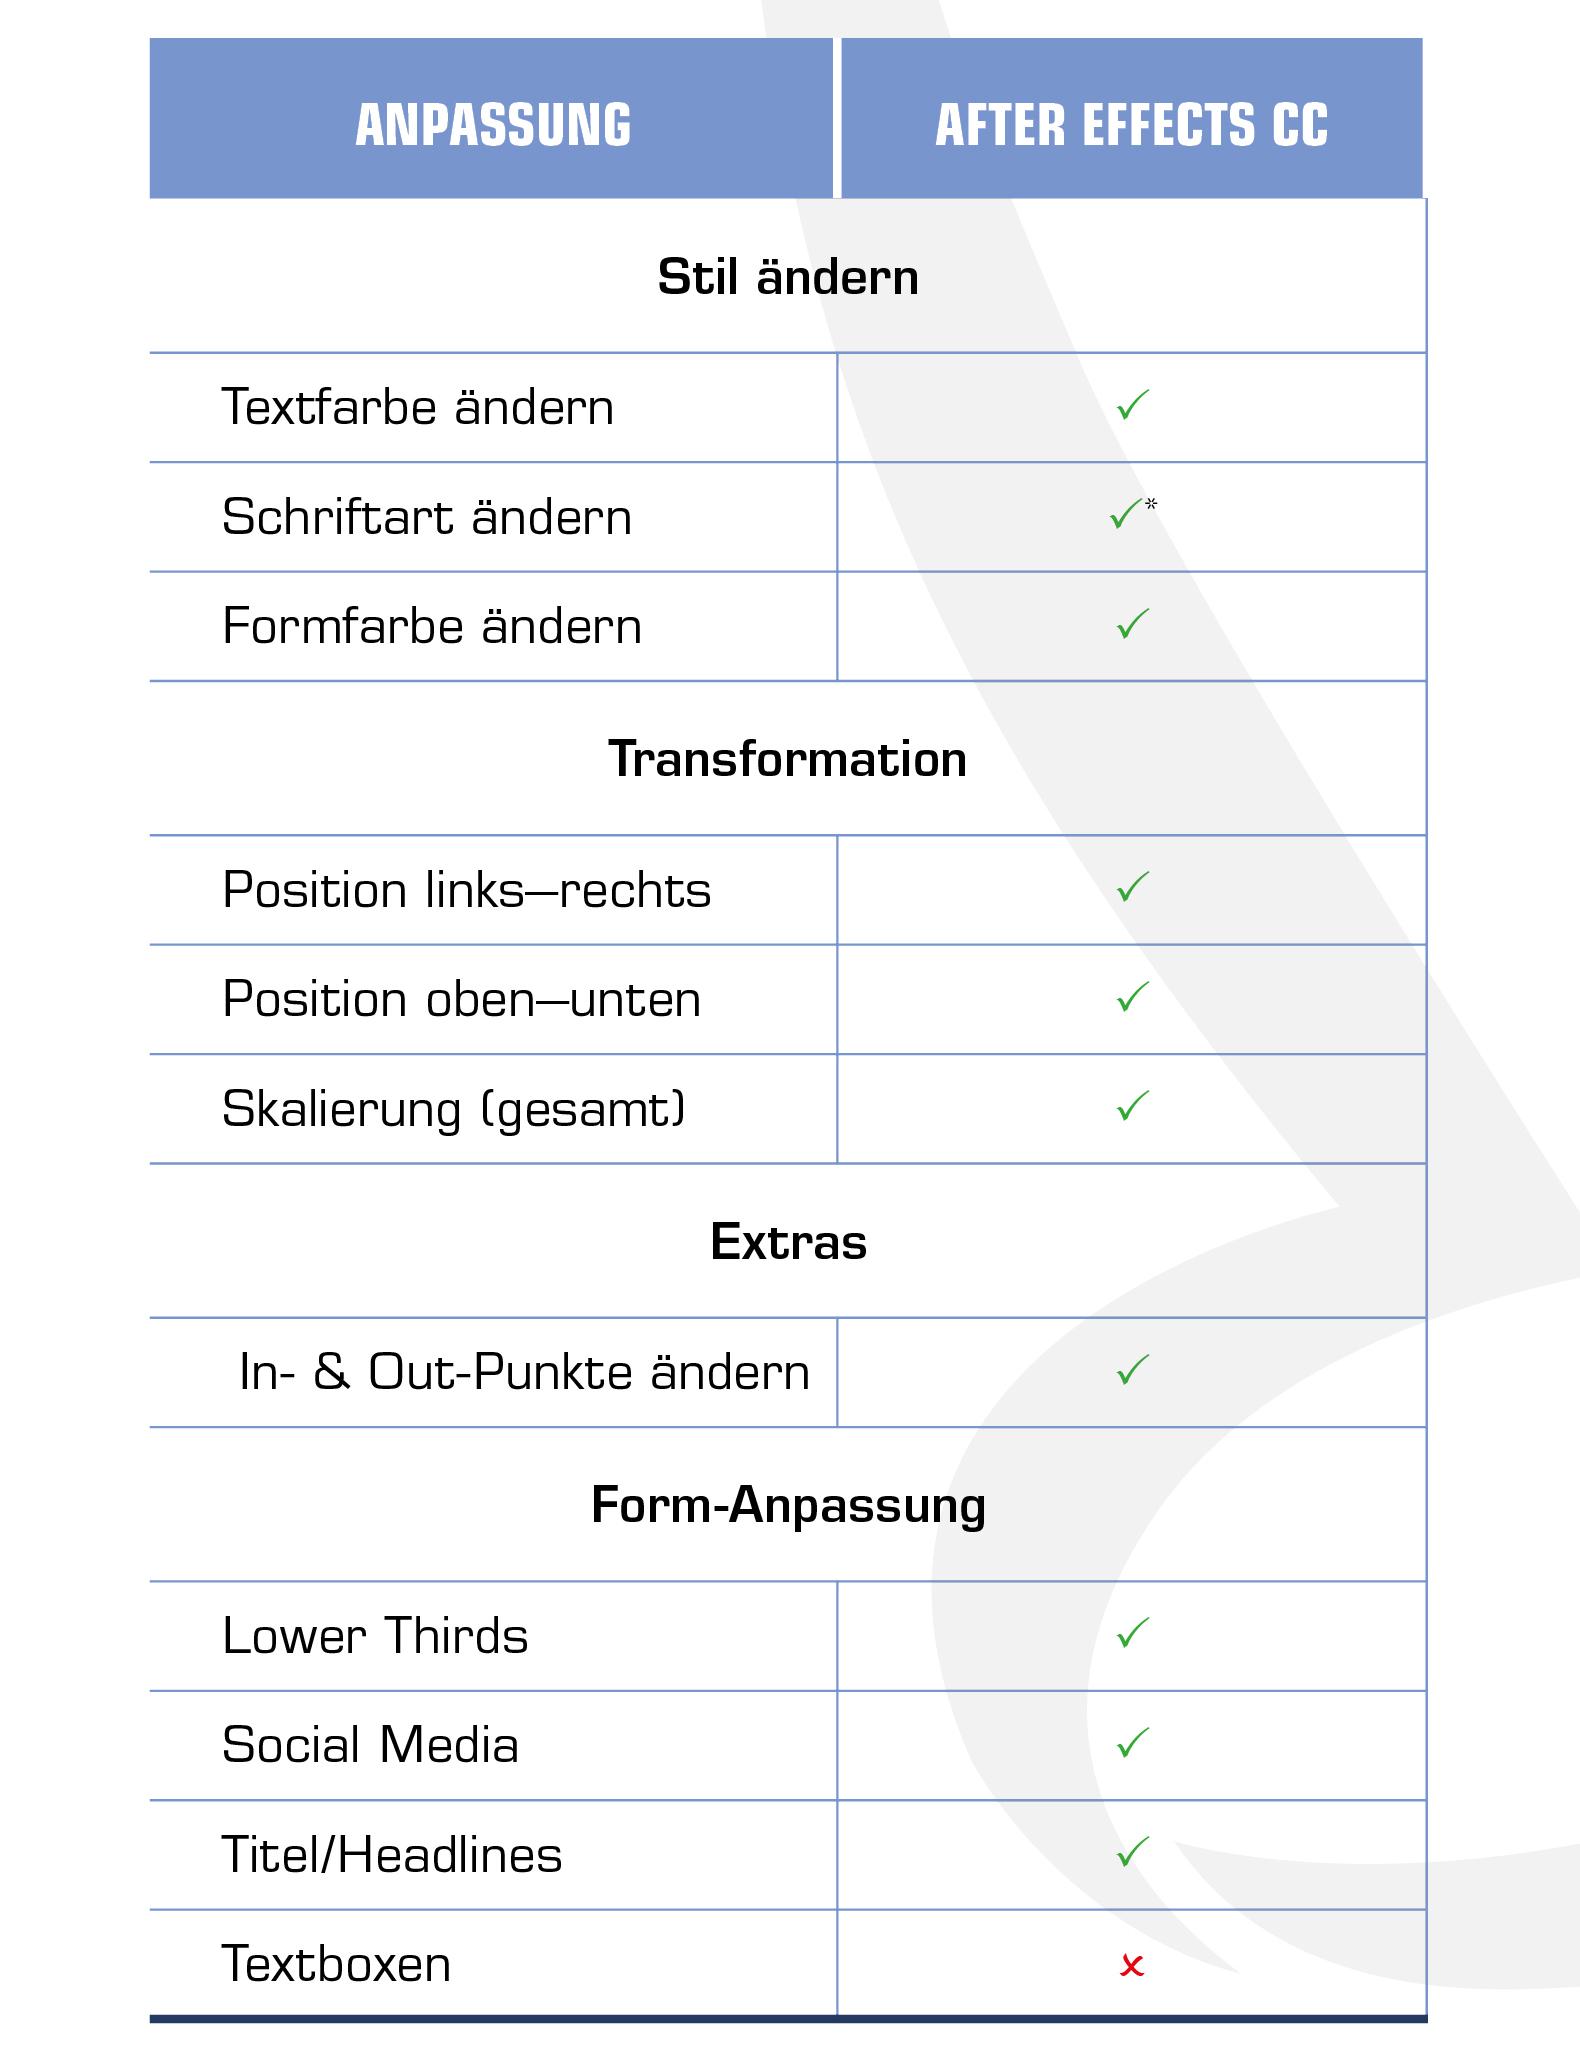 Tabelle mit Anpassungsmöglichkeiten der Animationen für After Effects